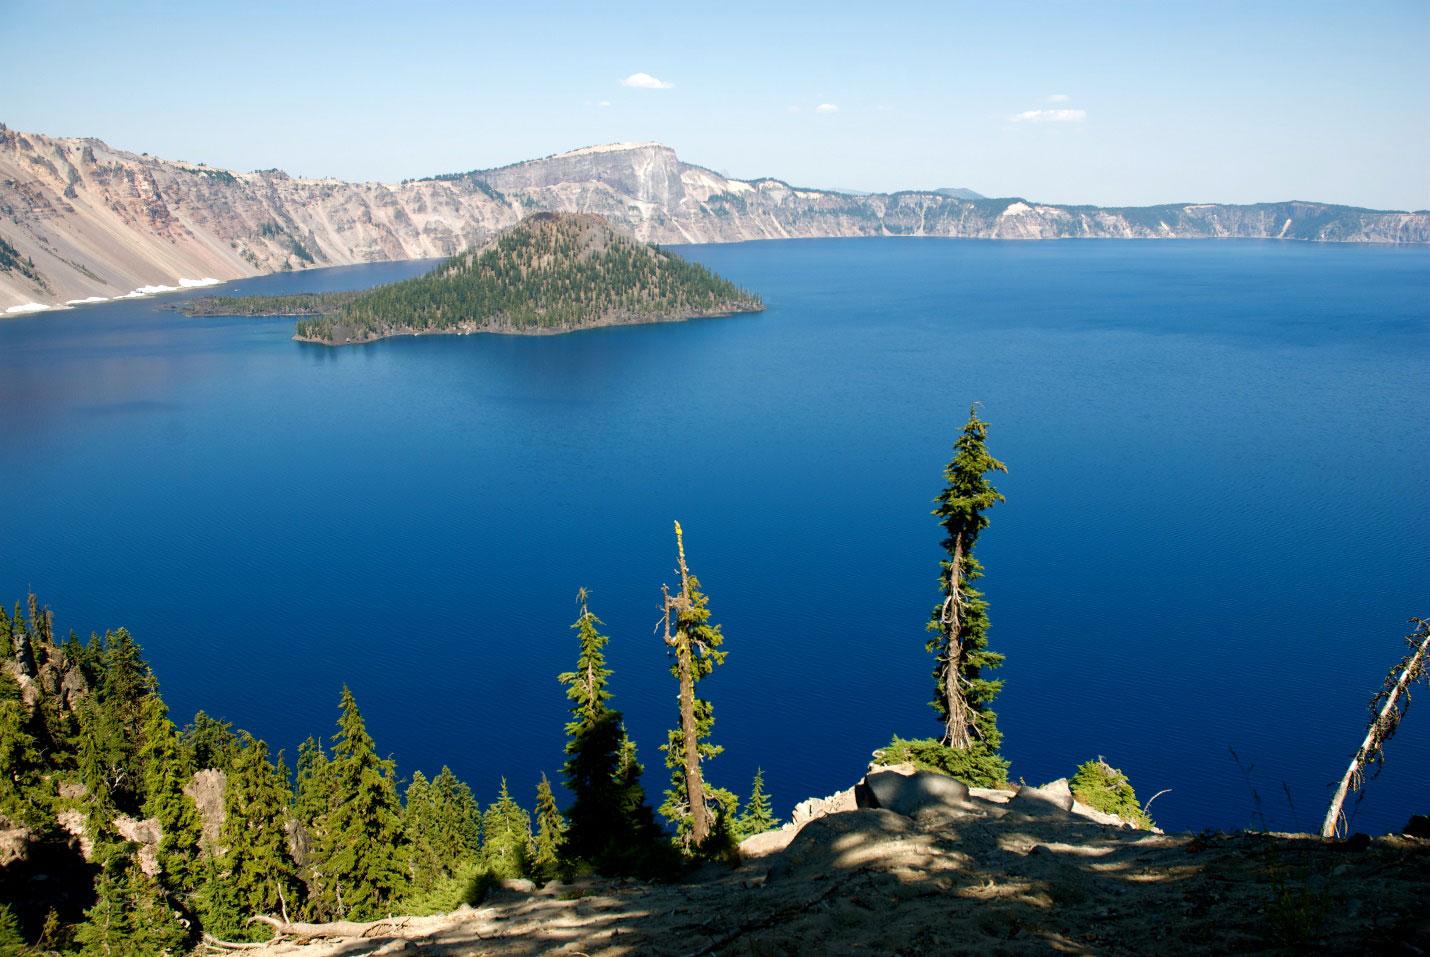 دریاچه ها چگونه به وجود می آیند؟